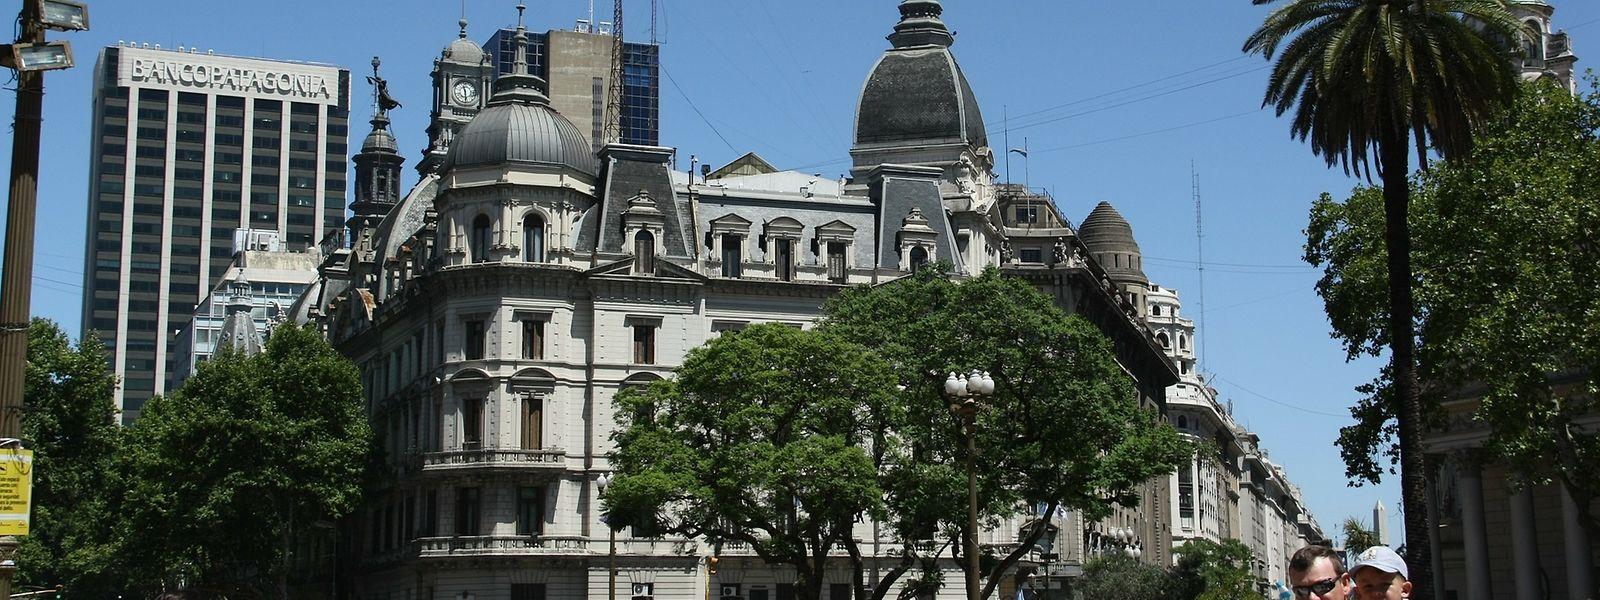 Der mexikanische Botschafter war in Buenos Aires stationiert, als er das Buch angeblich mitgehen ließ.